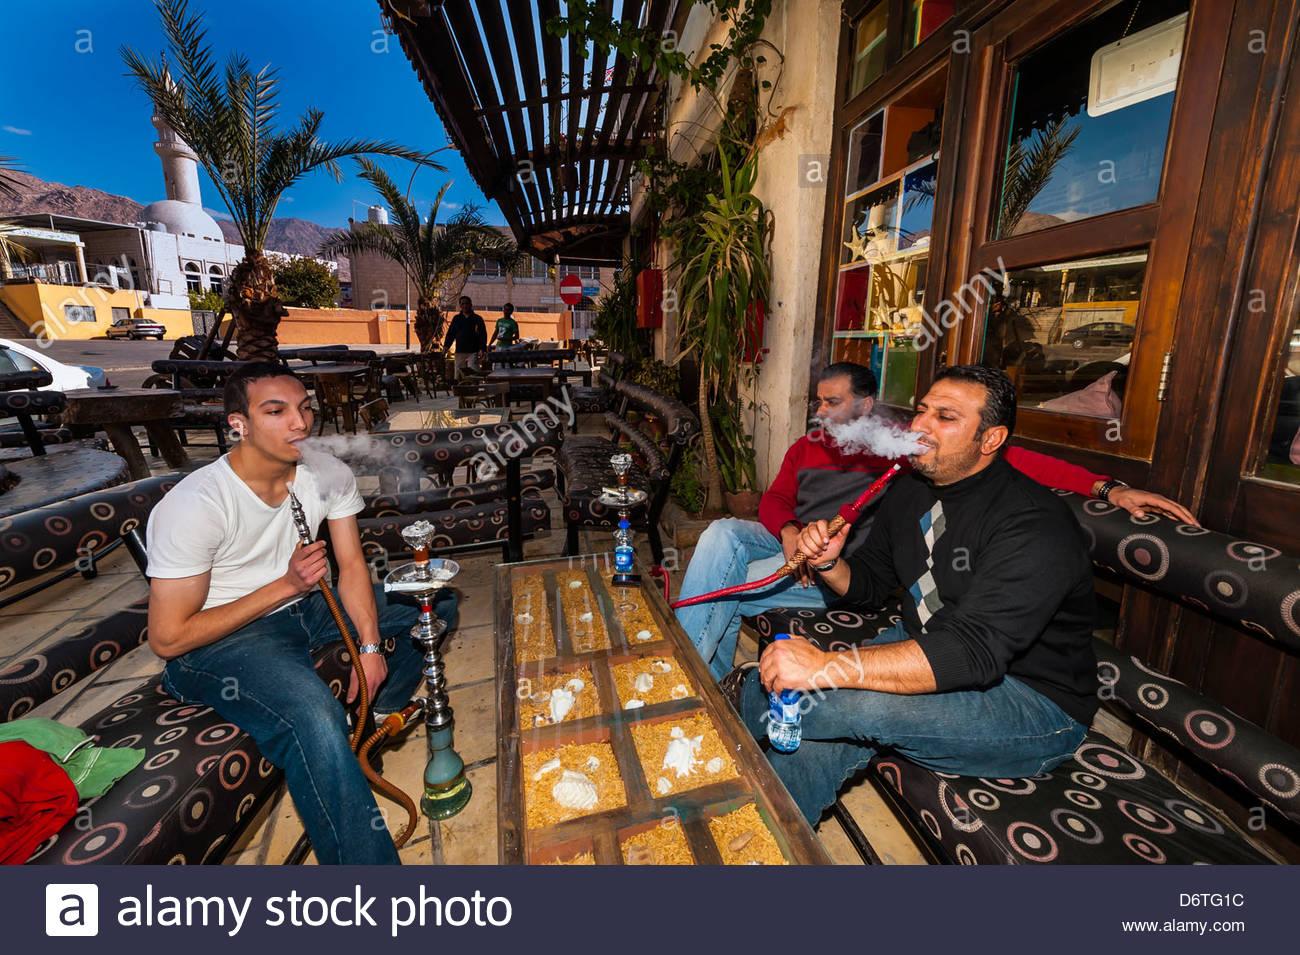 Men smoking sheesha (water pipe) at an outdoor cafe, Aqaba, Jordan - Stock Image